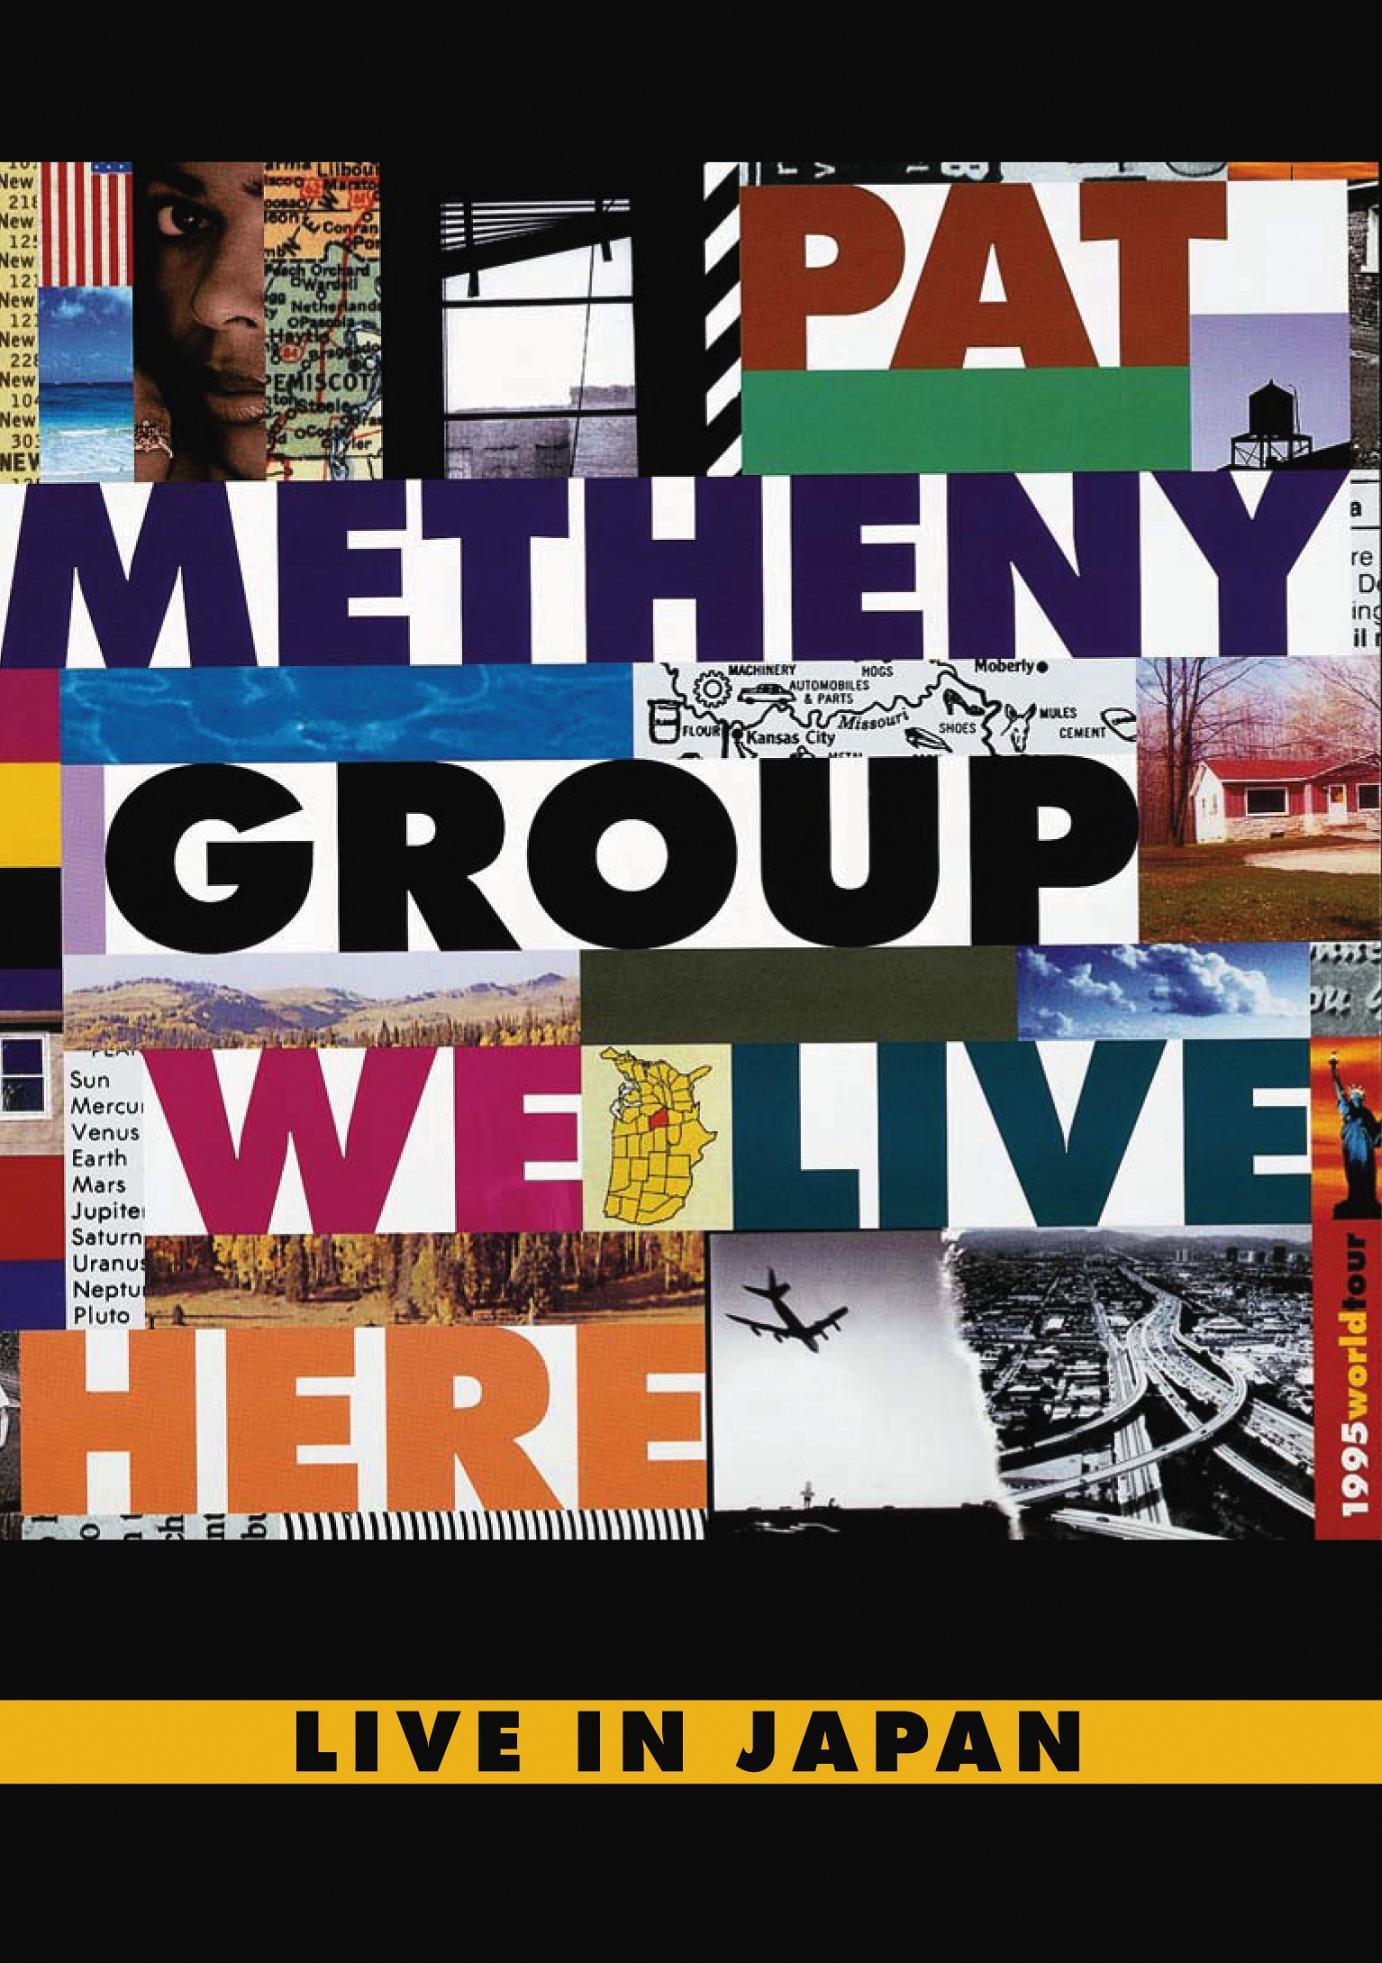 Die Pat Metheny Group im Jahr 1995: